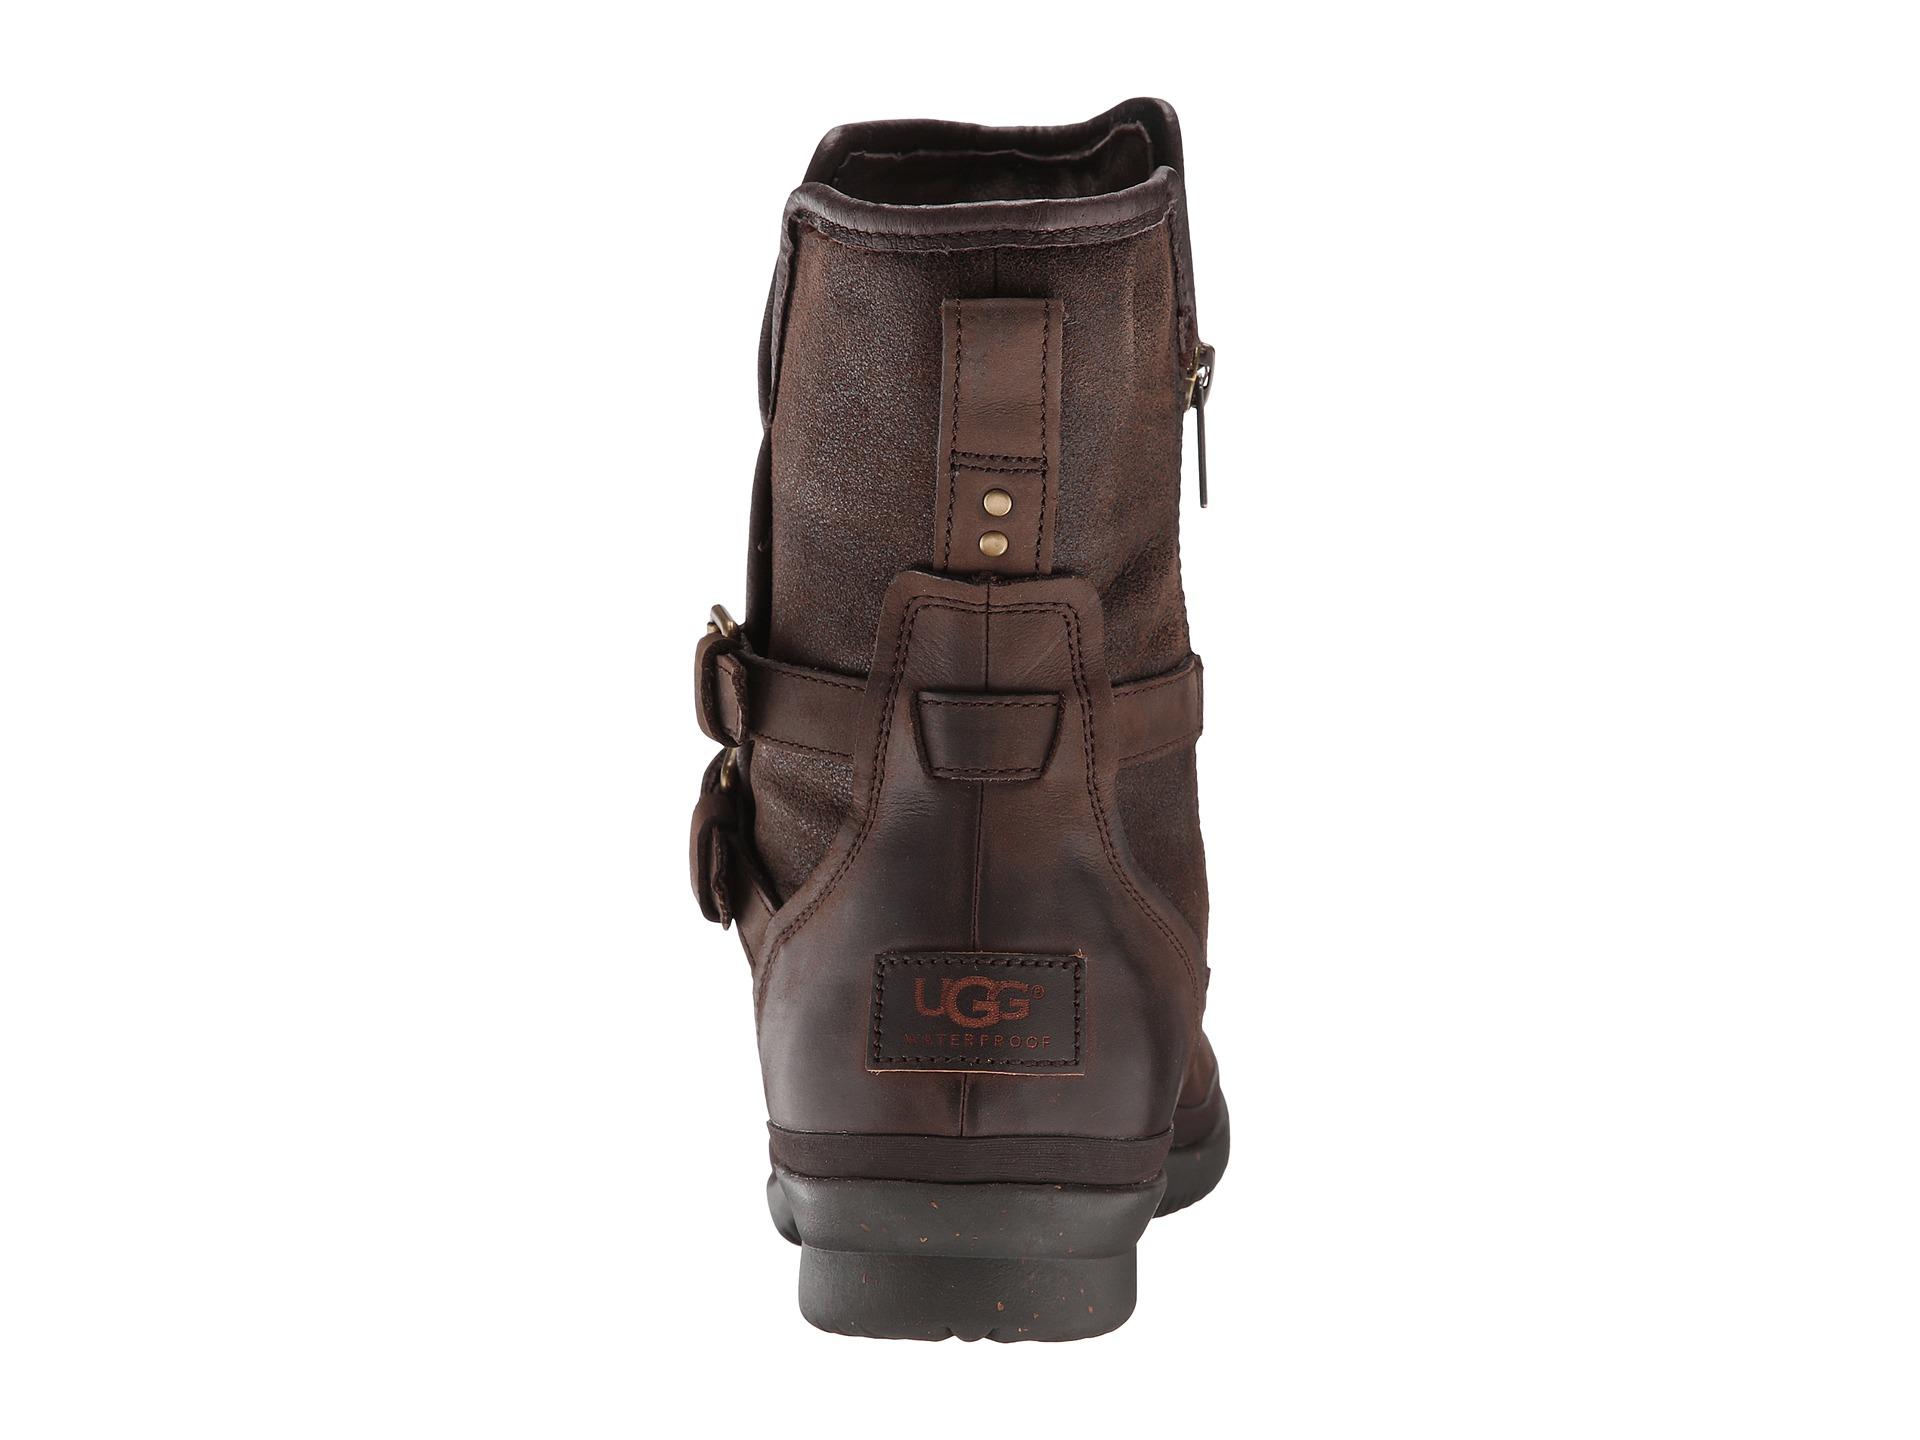 ultimate bind ugg boots